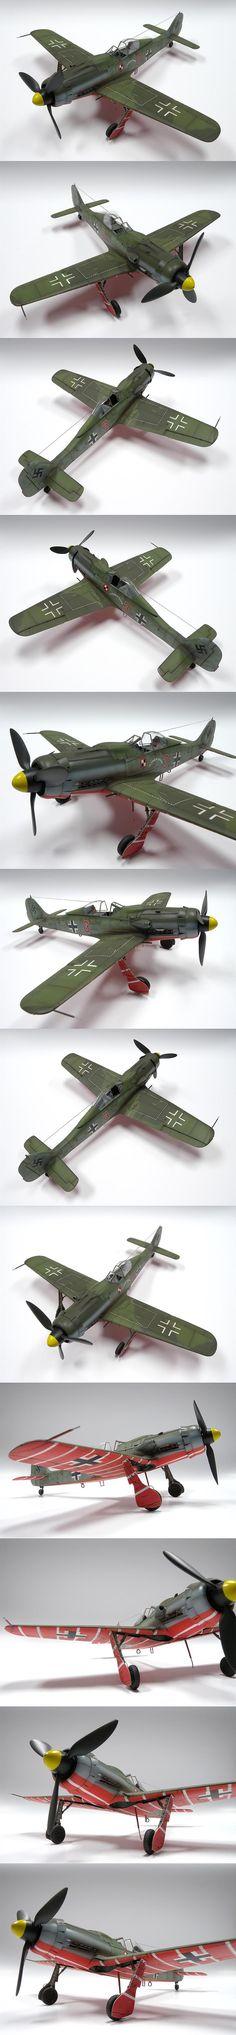 1/48 Focke-Wulf FW 190 D-9 J44 - Tamiya by Lee Siew Keong aka Grey Ghost